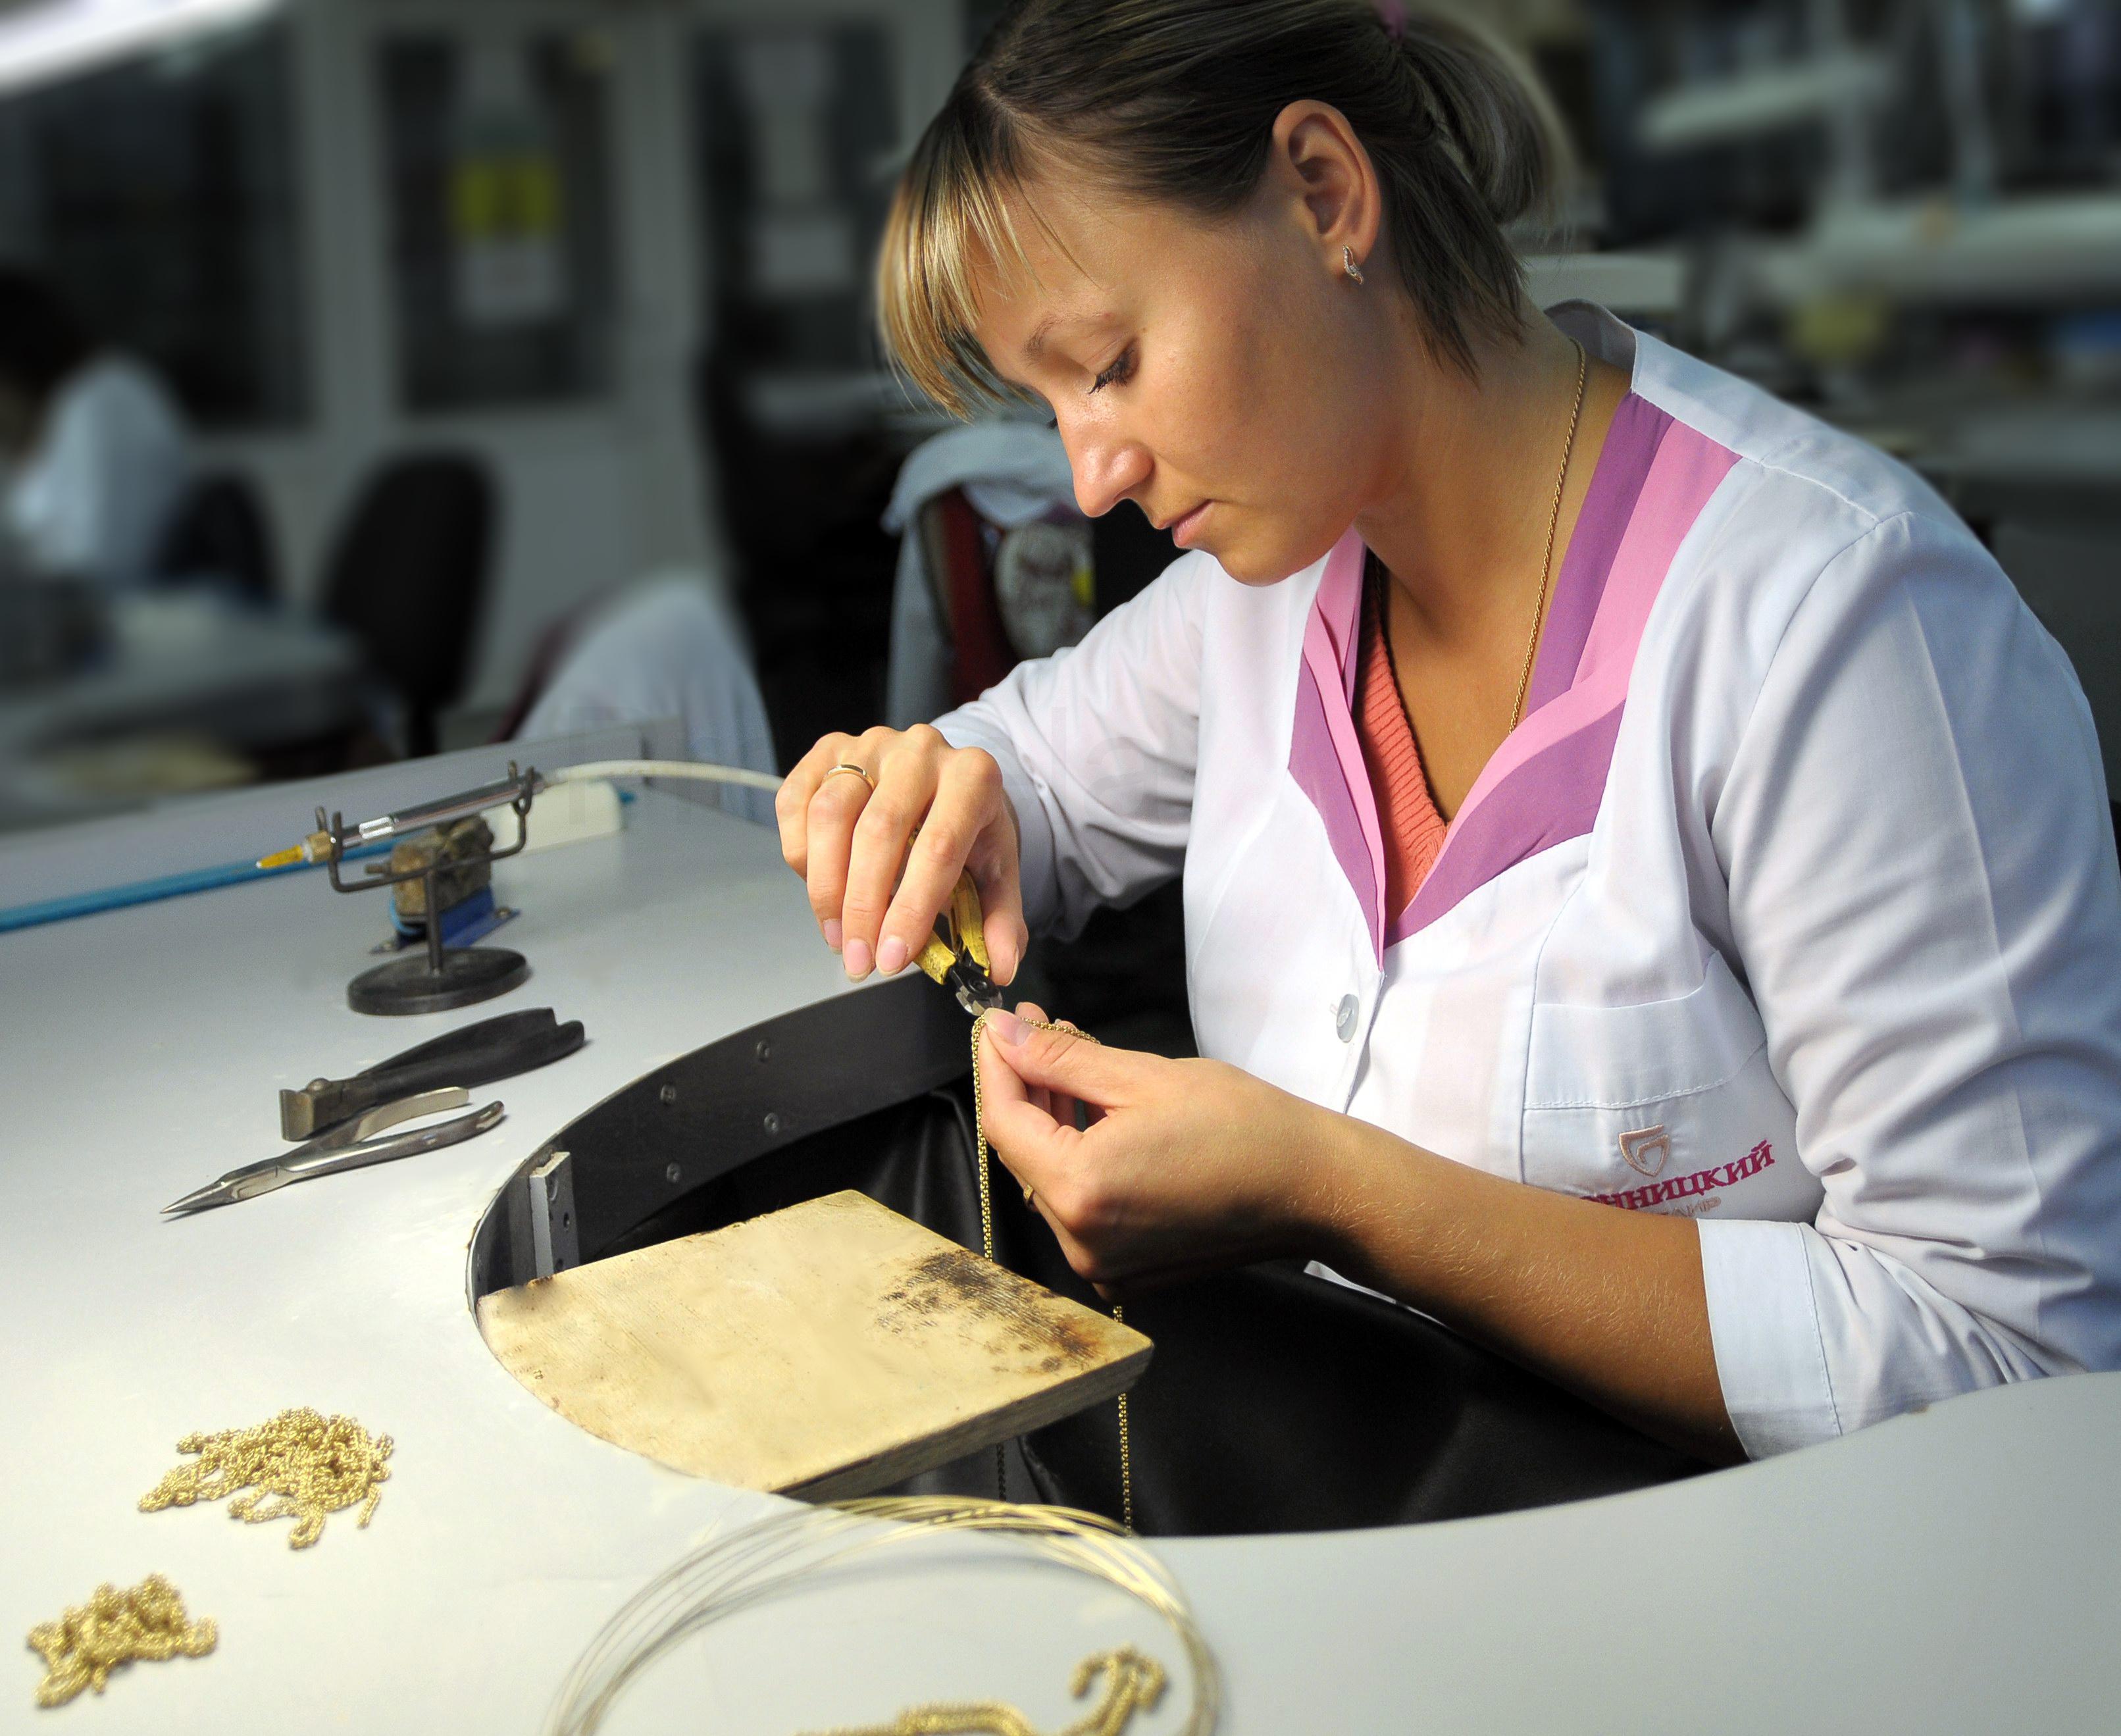 Производители ювелирной продукции